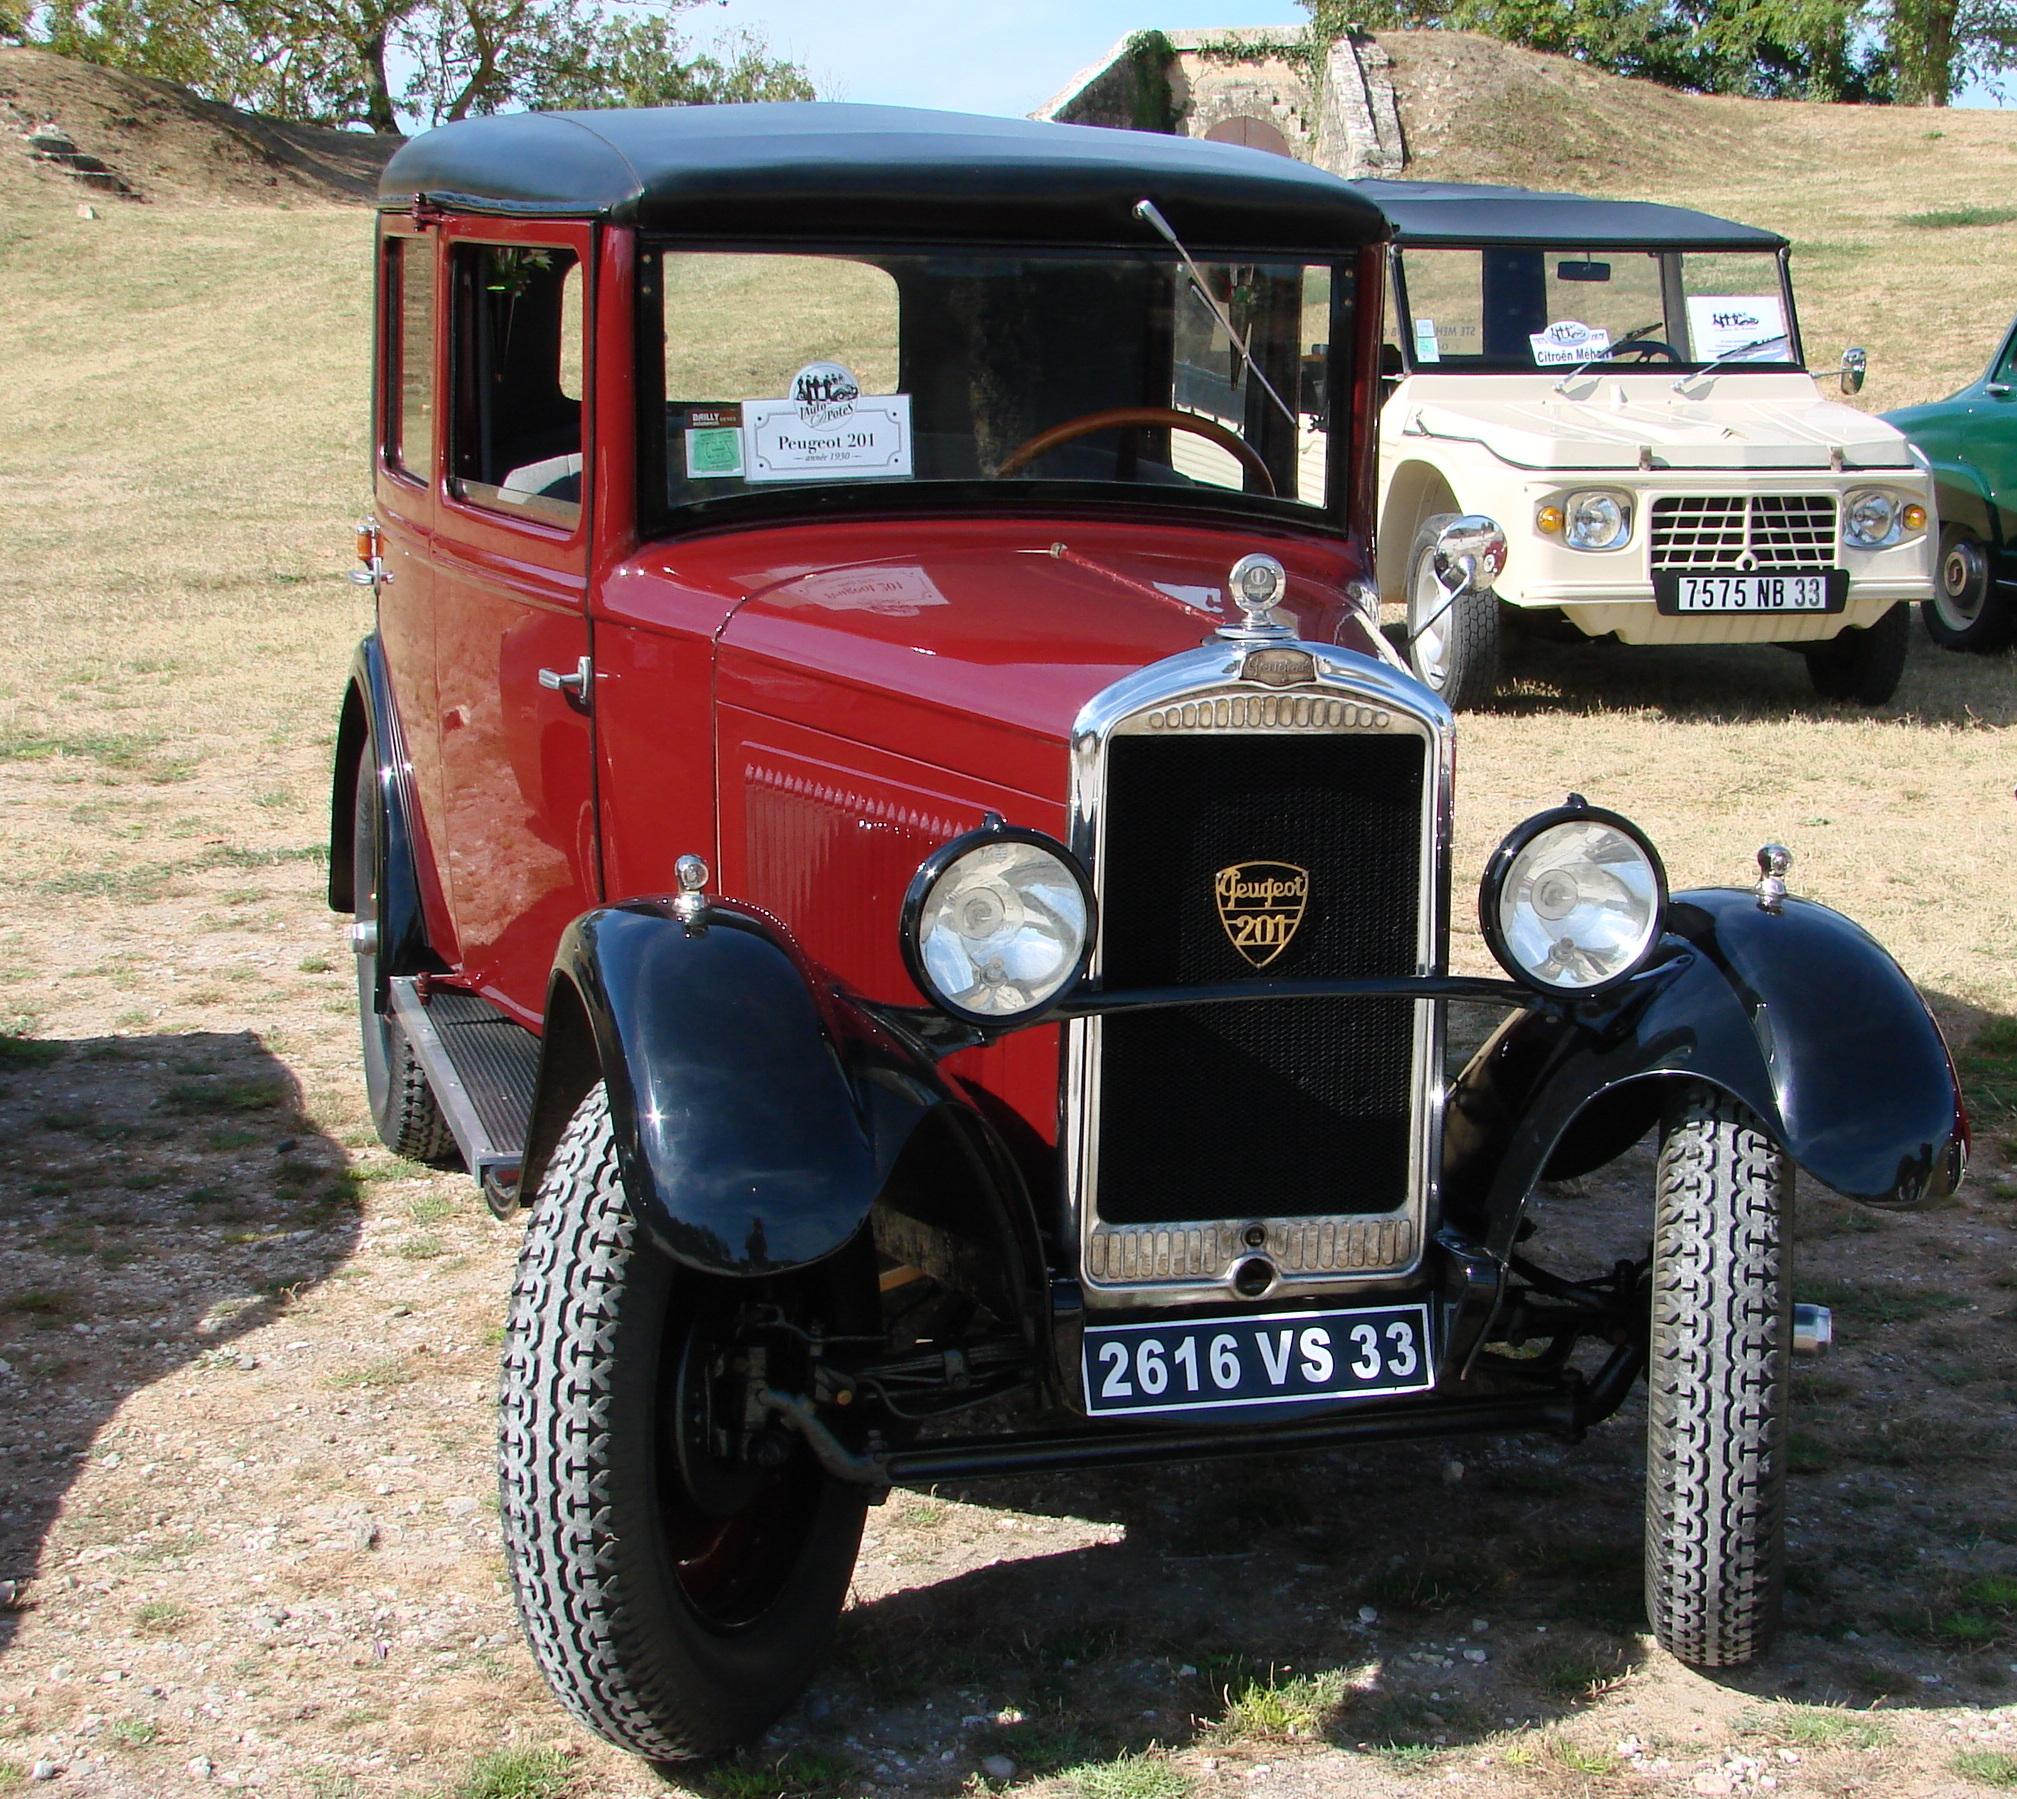 Peugeot_201_1930_04.JPG